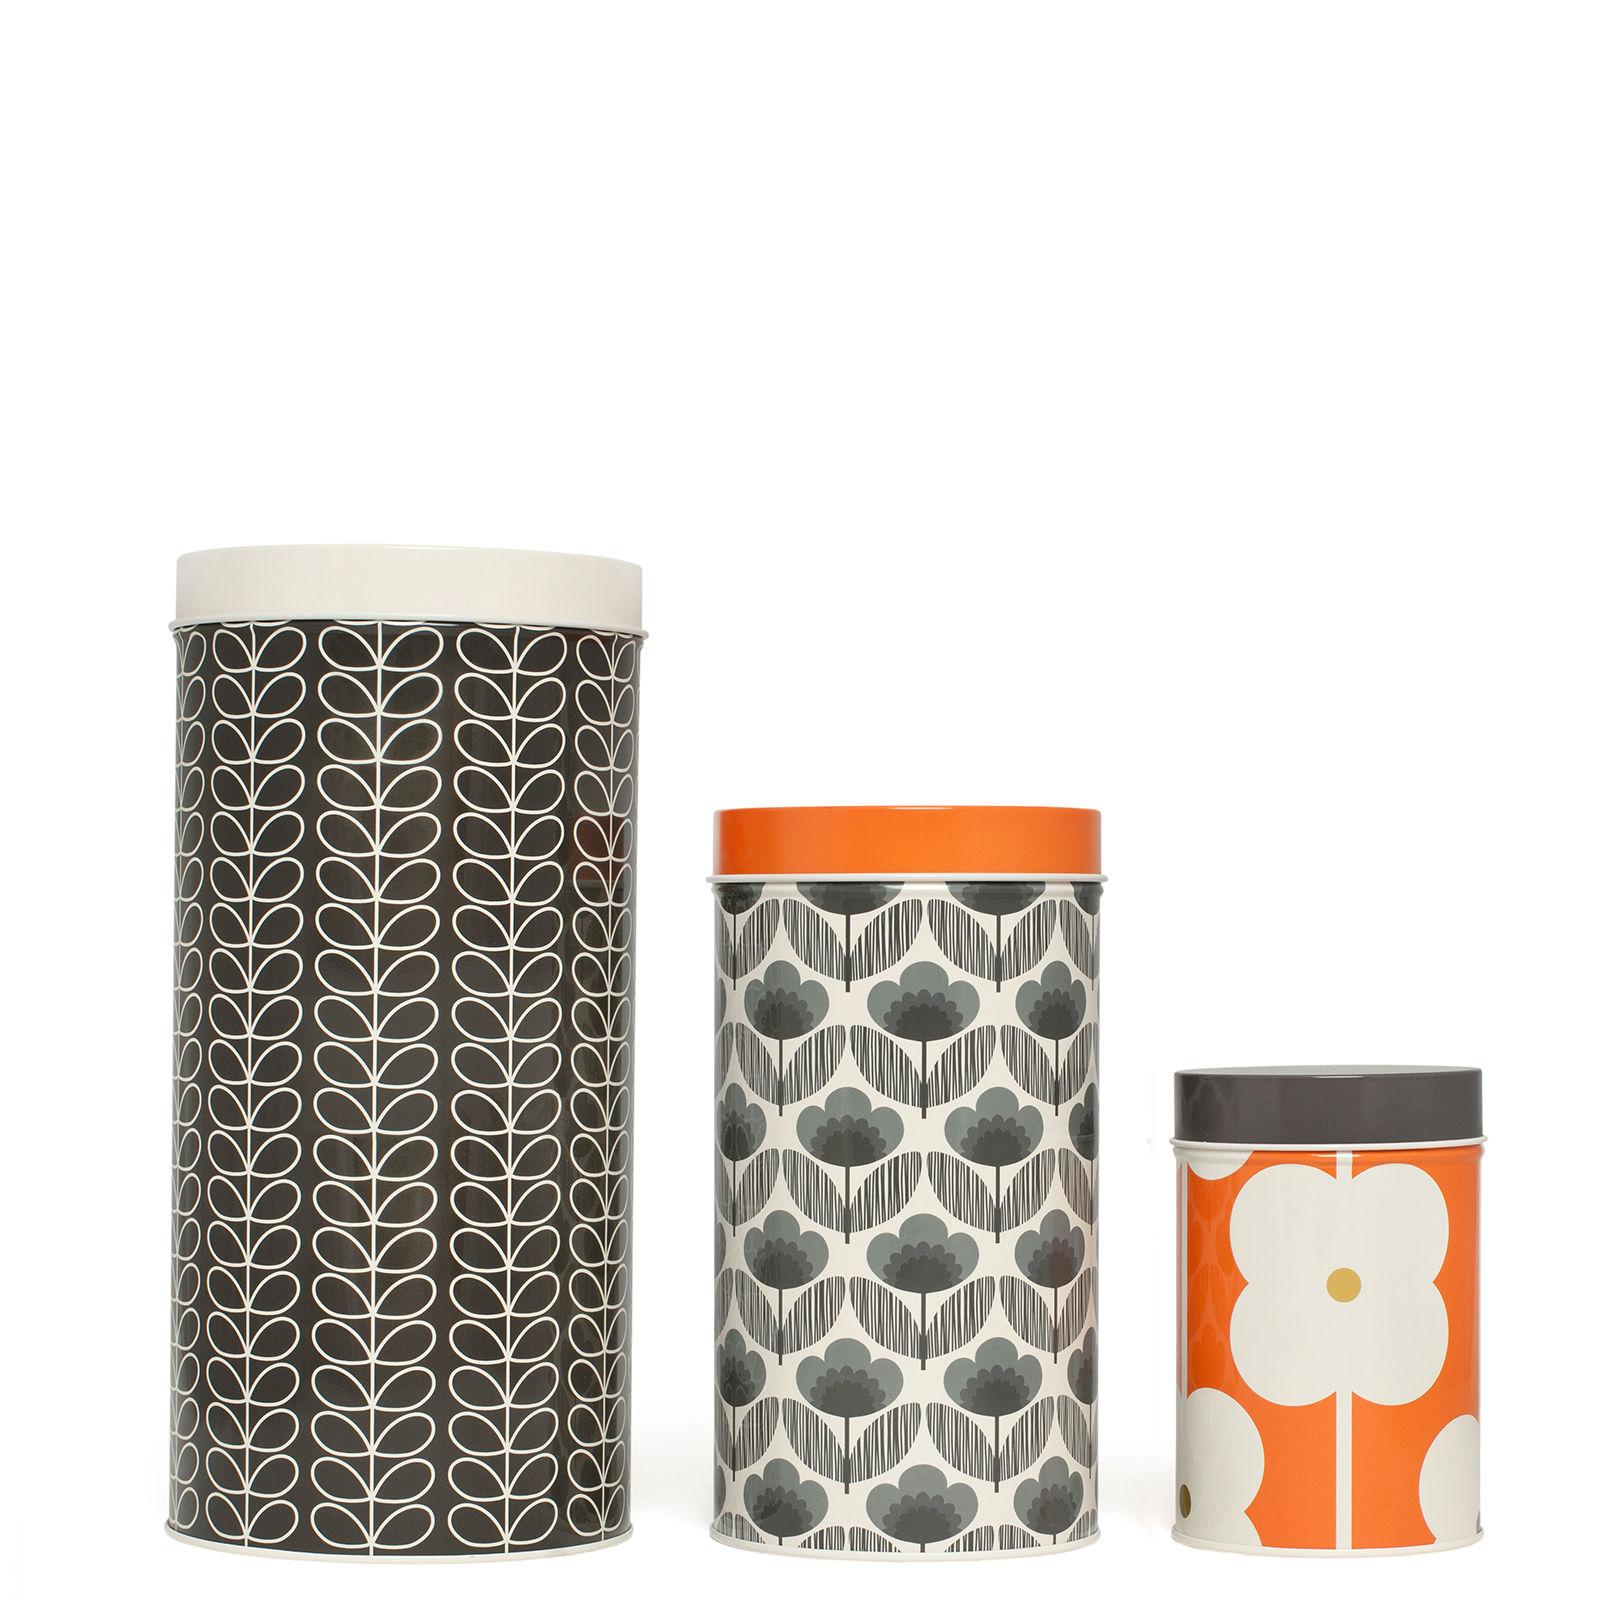 Boites-bocaus-design-Orla-Kiely-012